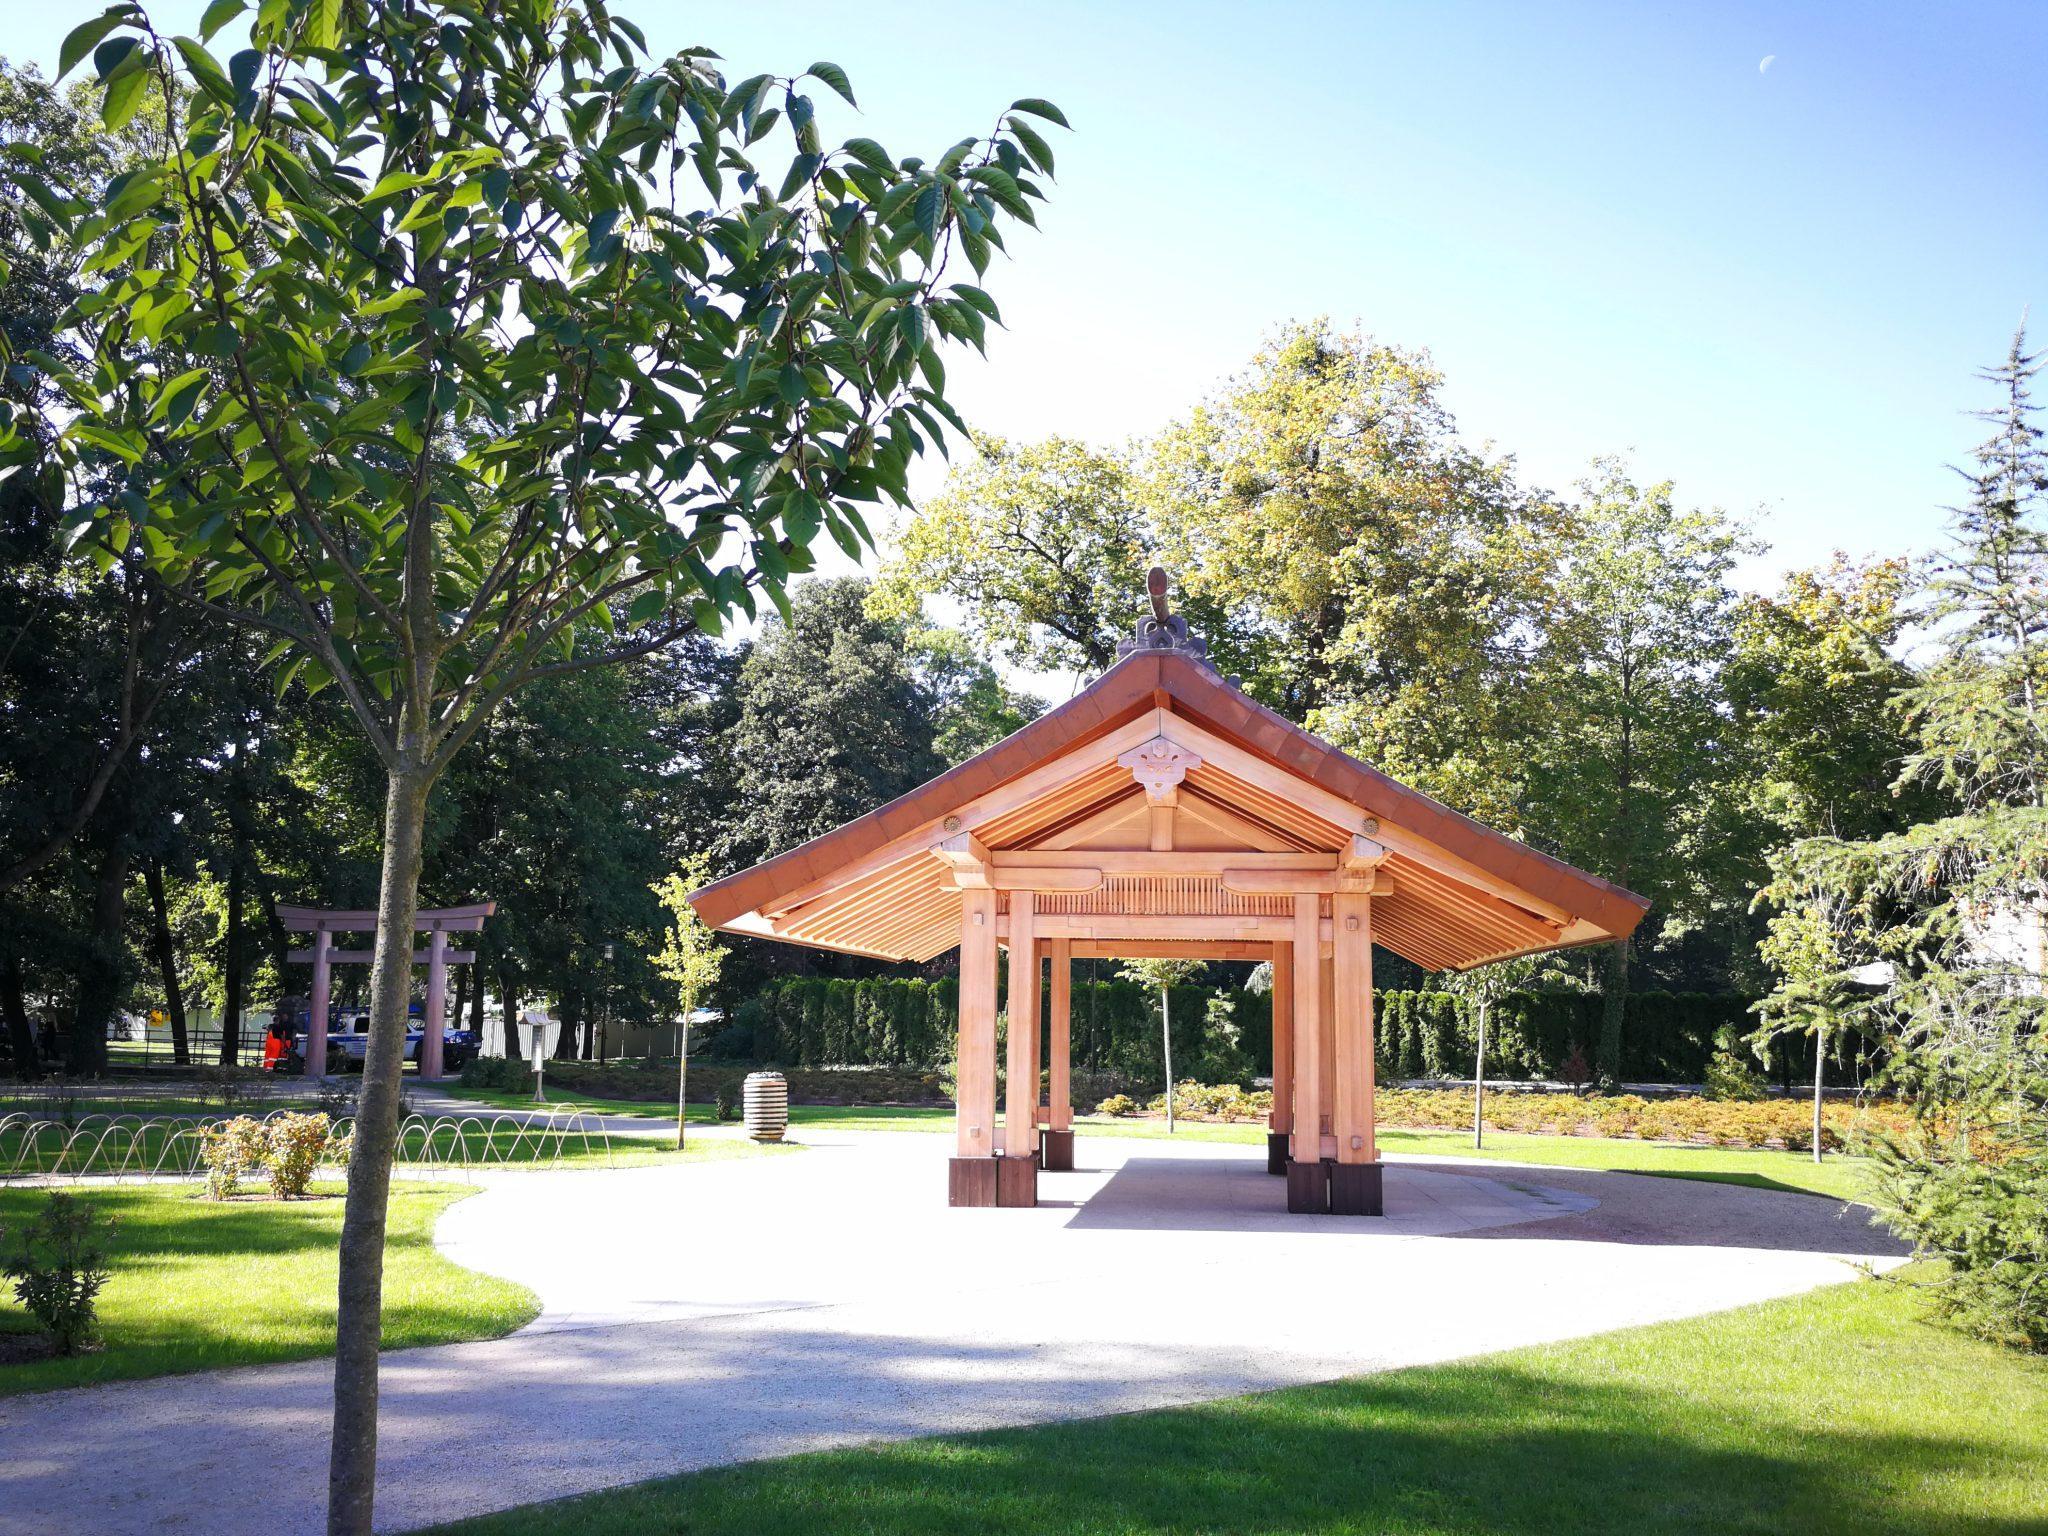 Pawilon-w-Ogrodzie-Japońskim-Park-Oliwski-w-Gdańsku-autor-Ania-Anna-Kotula-z-Tour-Guide-Service-Gdańsk